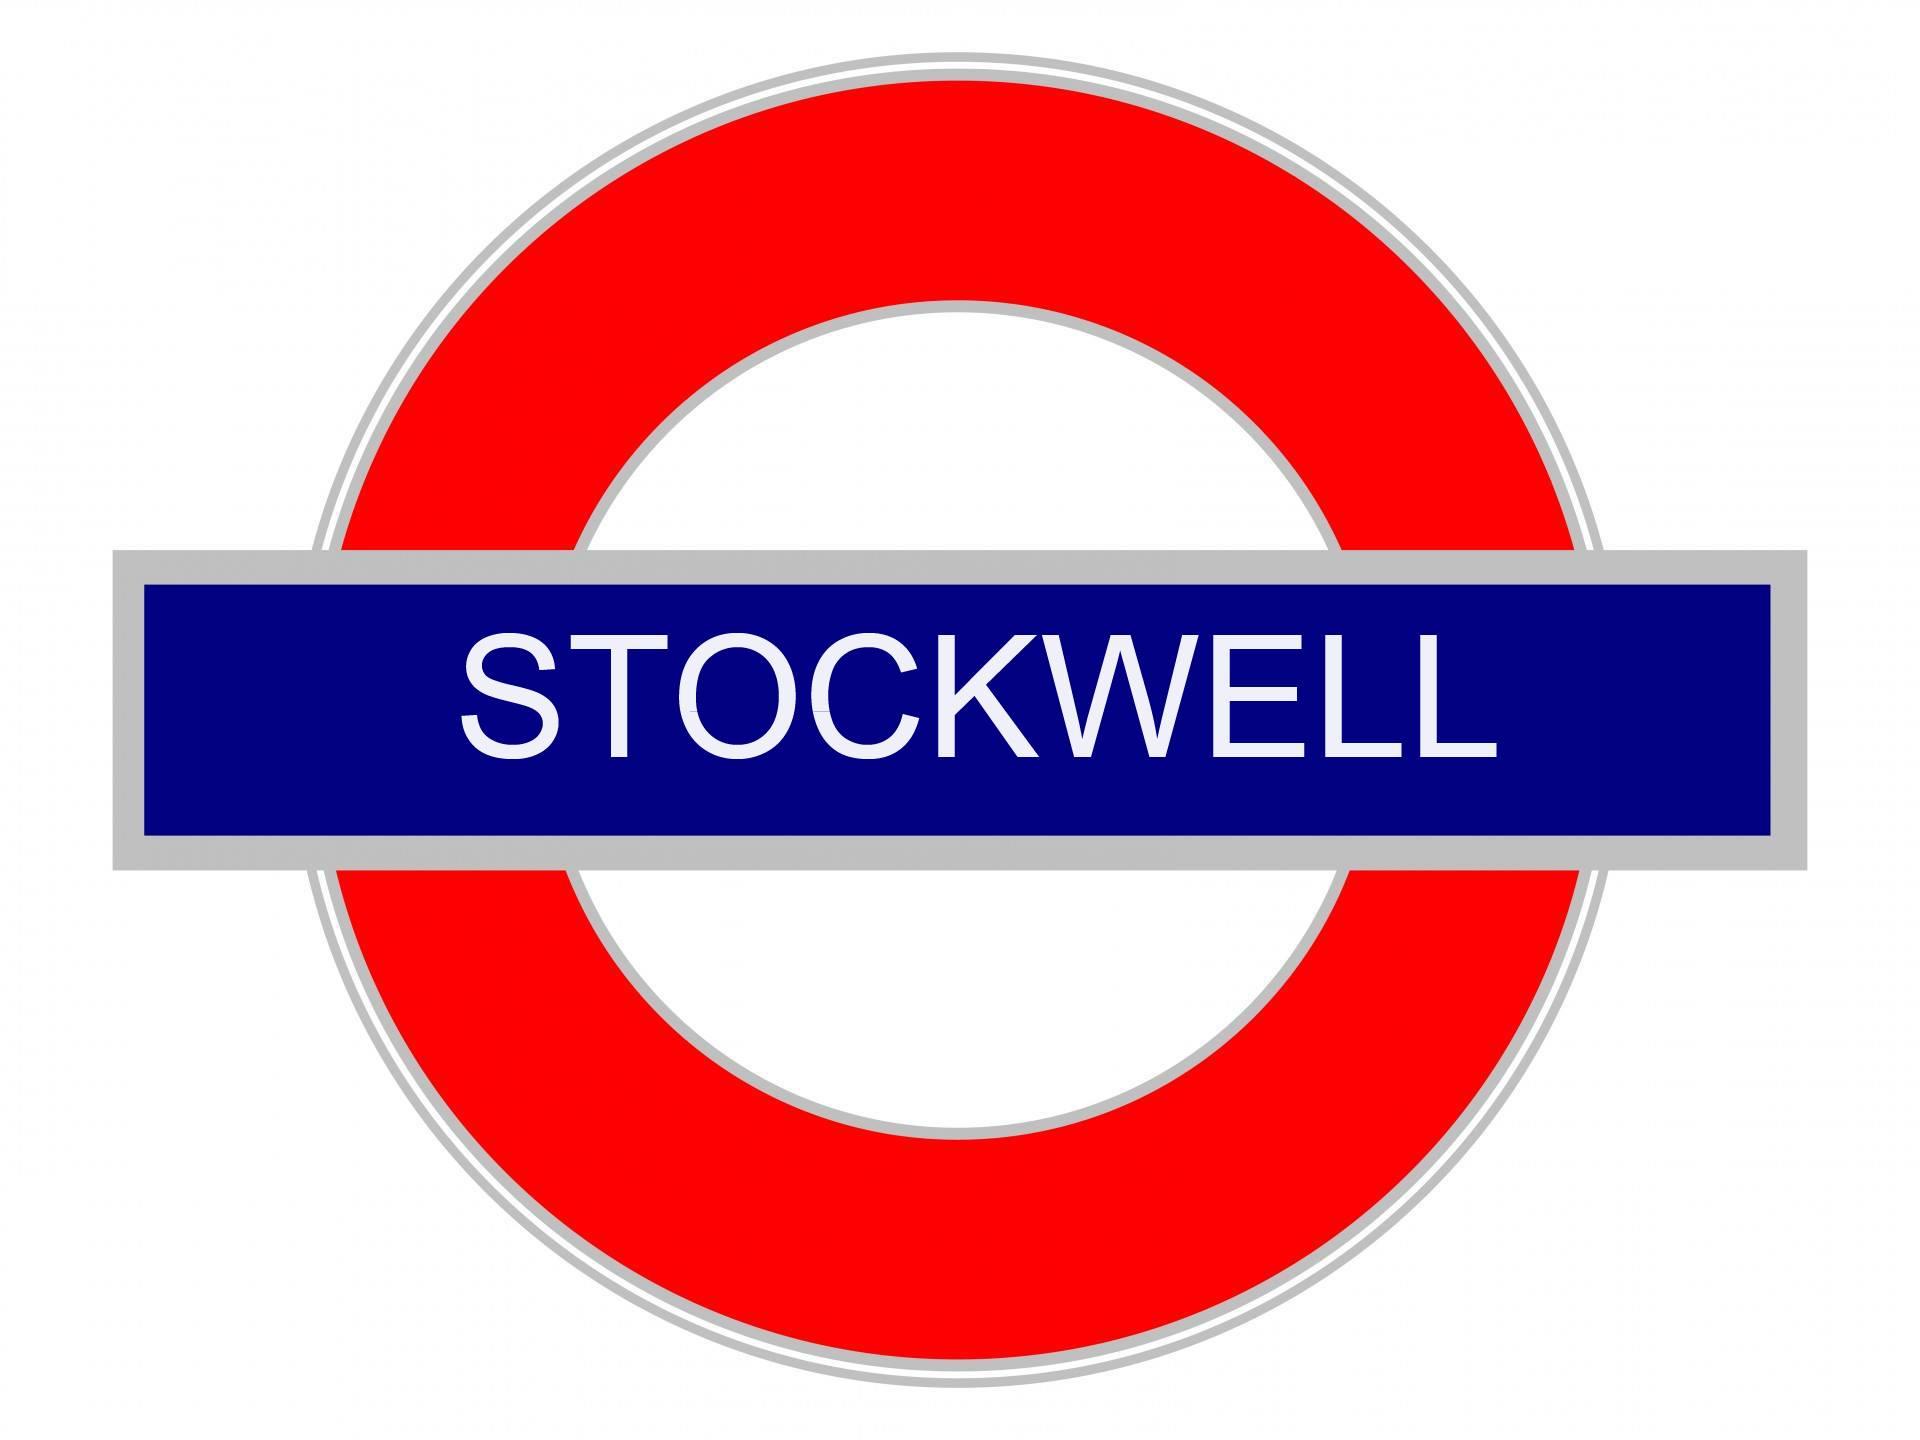 Stockwell Tube